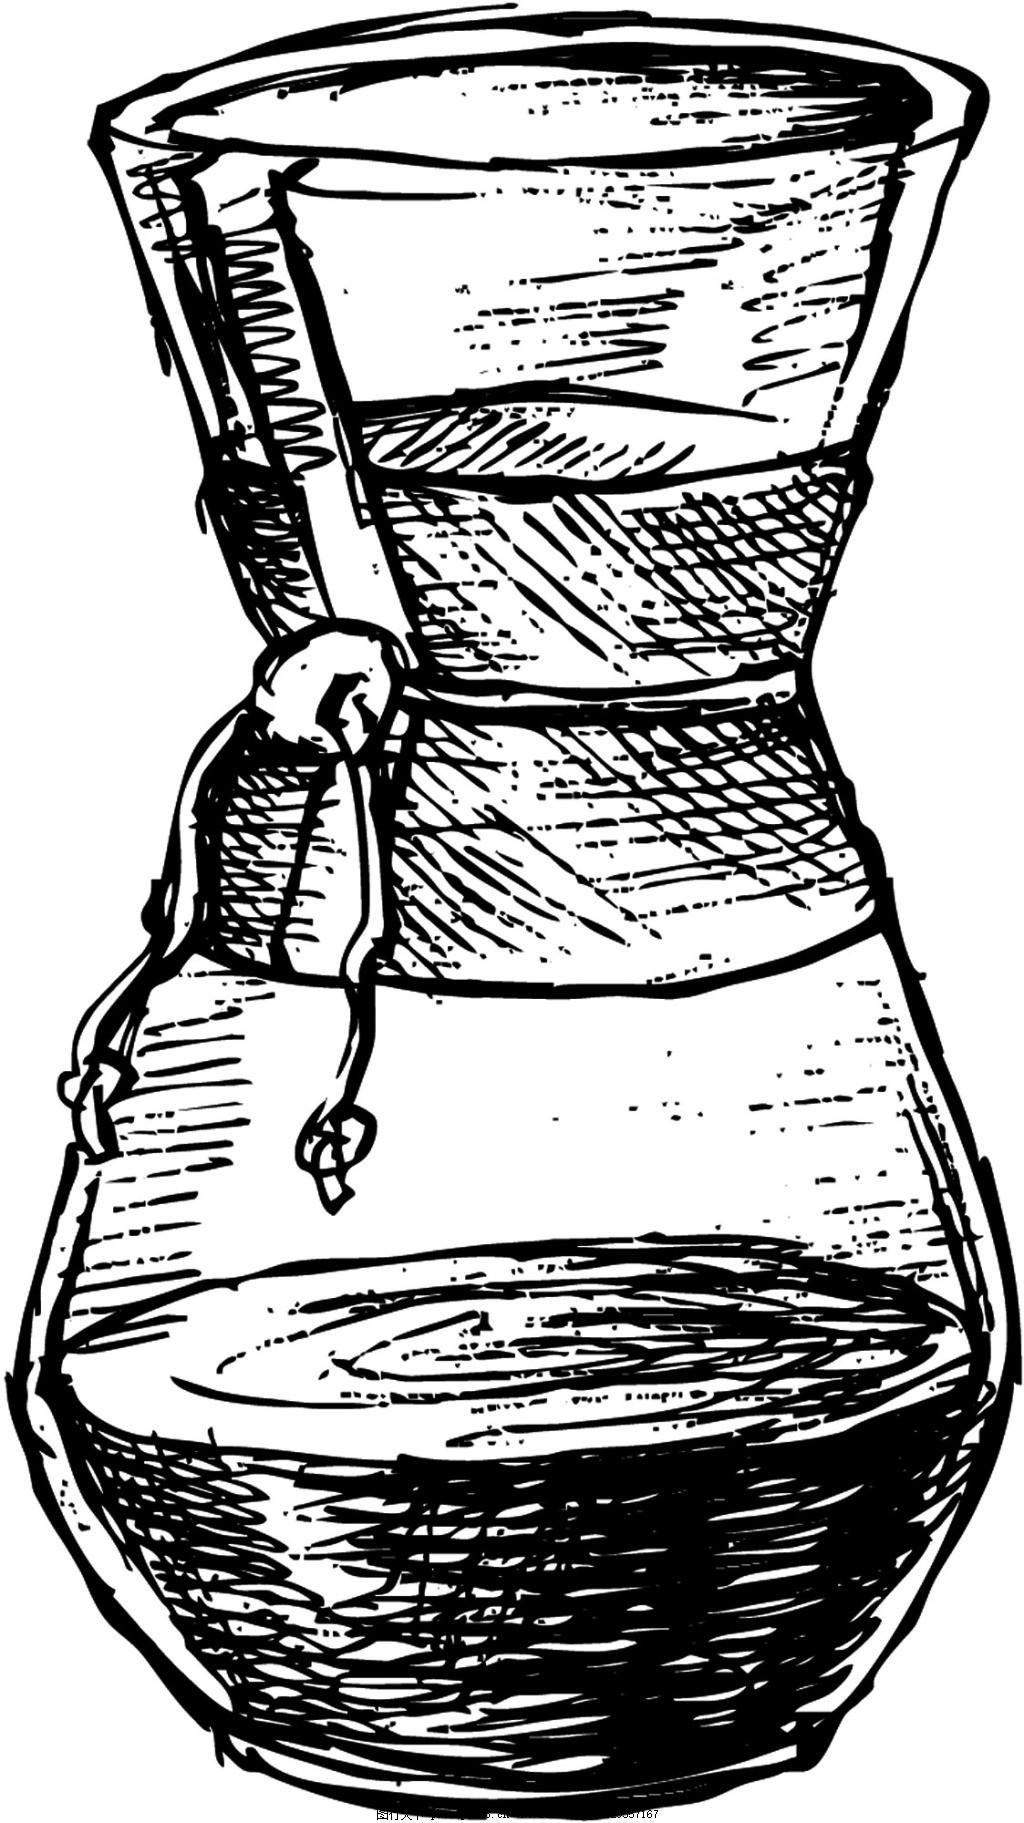 素描 铅笔画 手绘 冰淇淋 夏天 黑白 设计 矢量 背景 源文件 素材